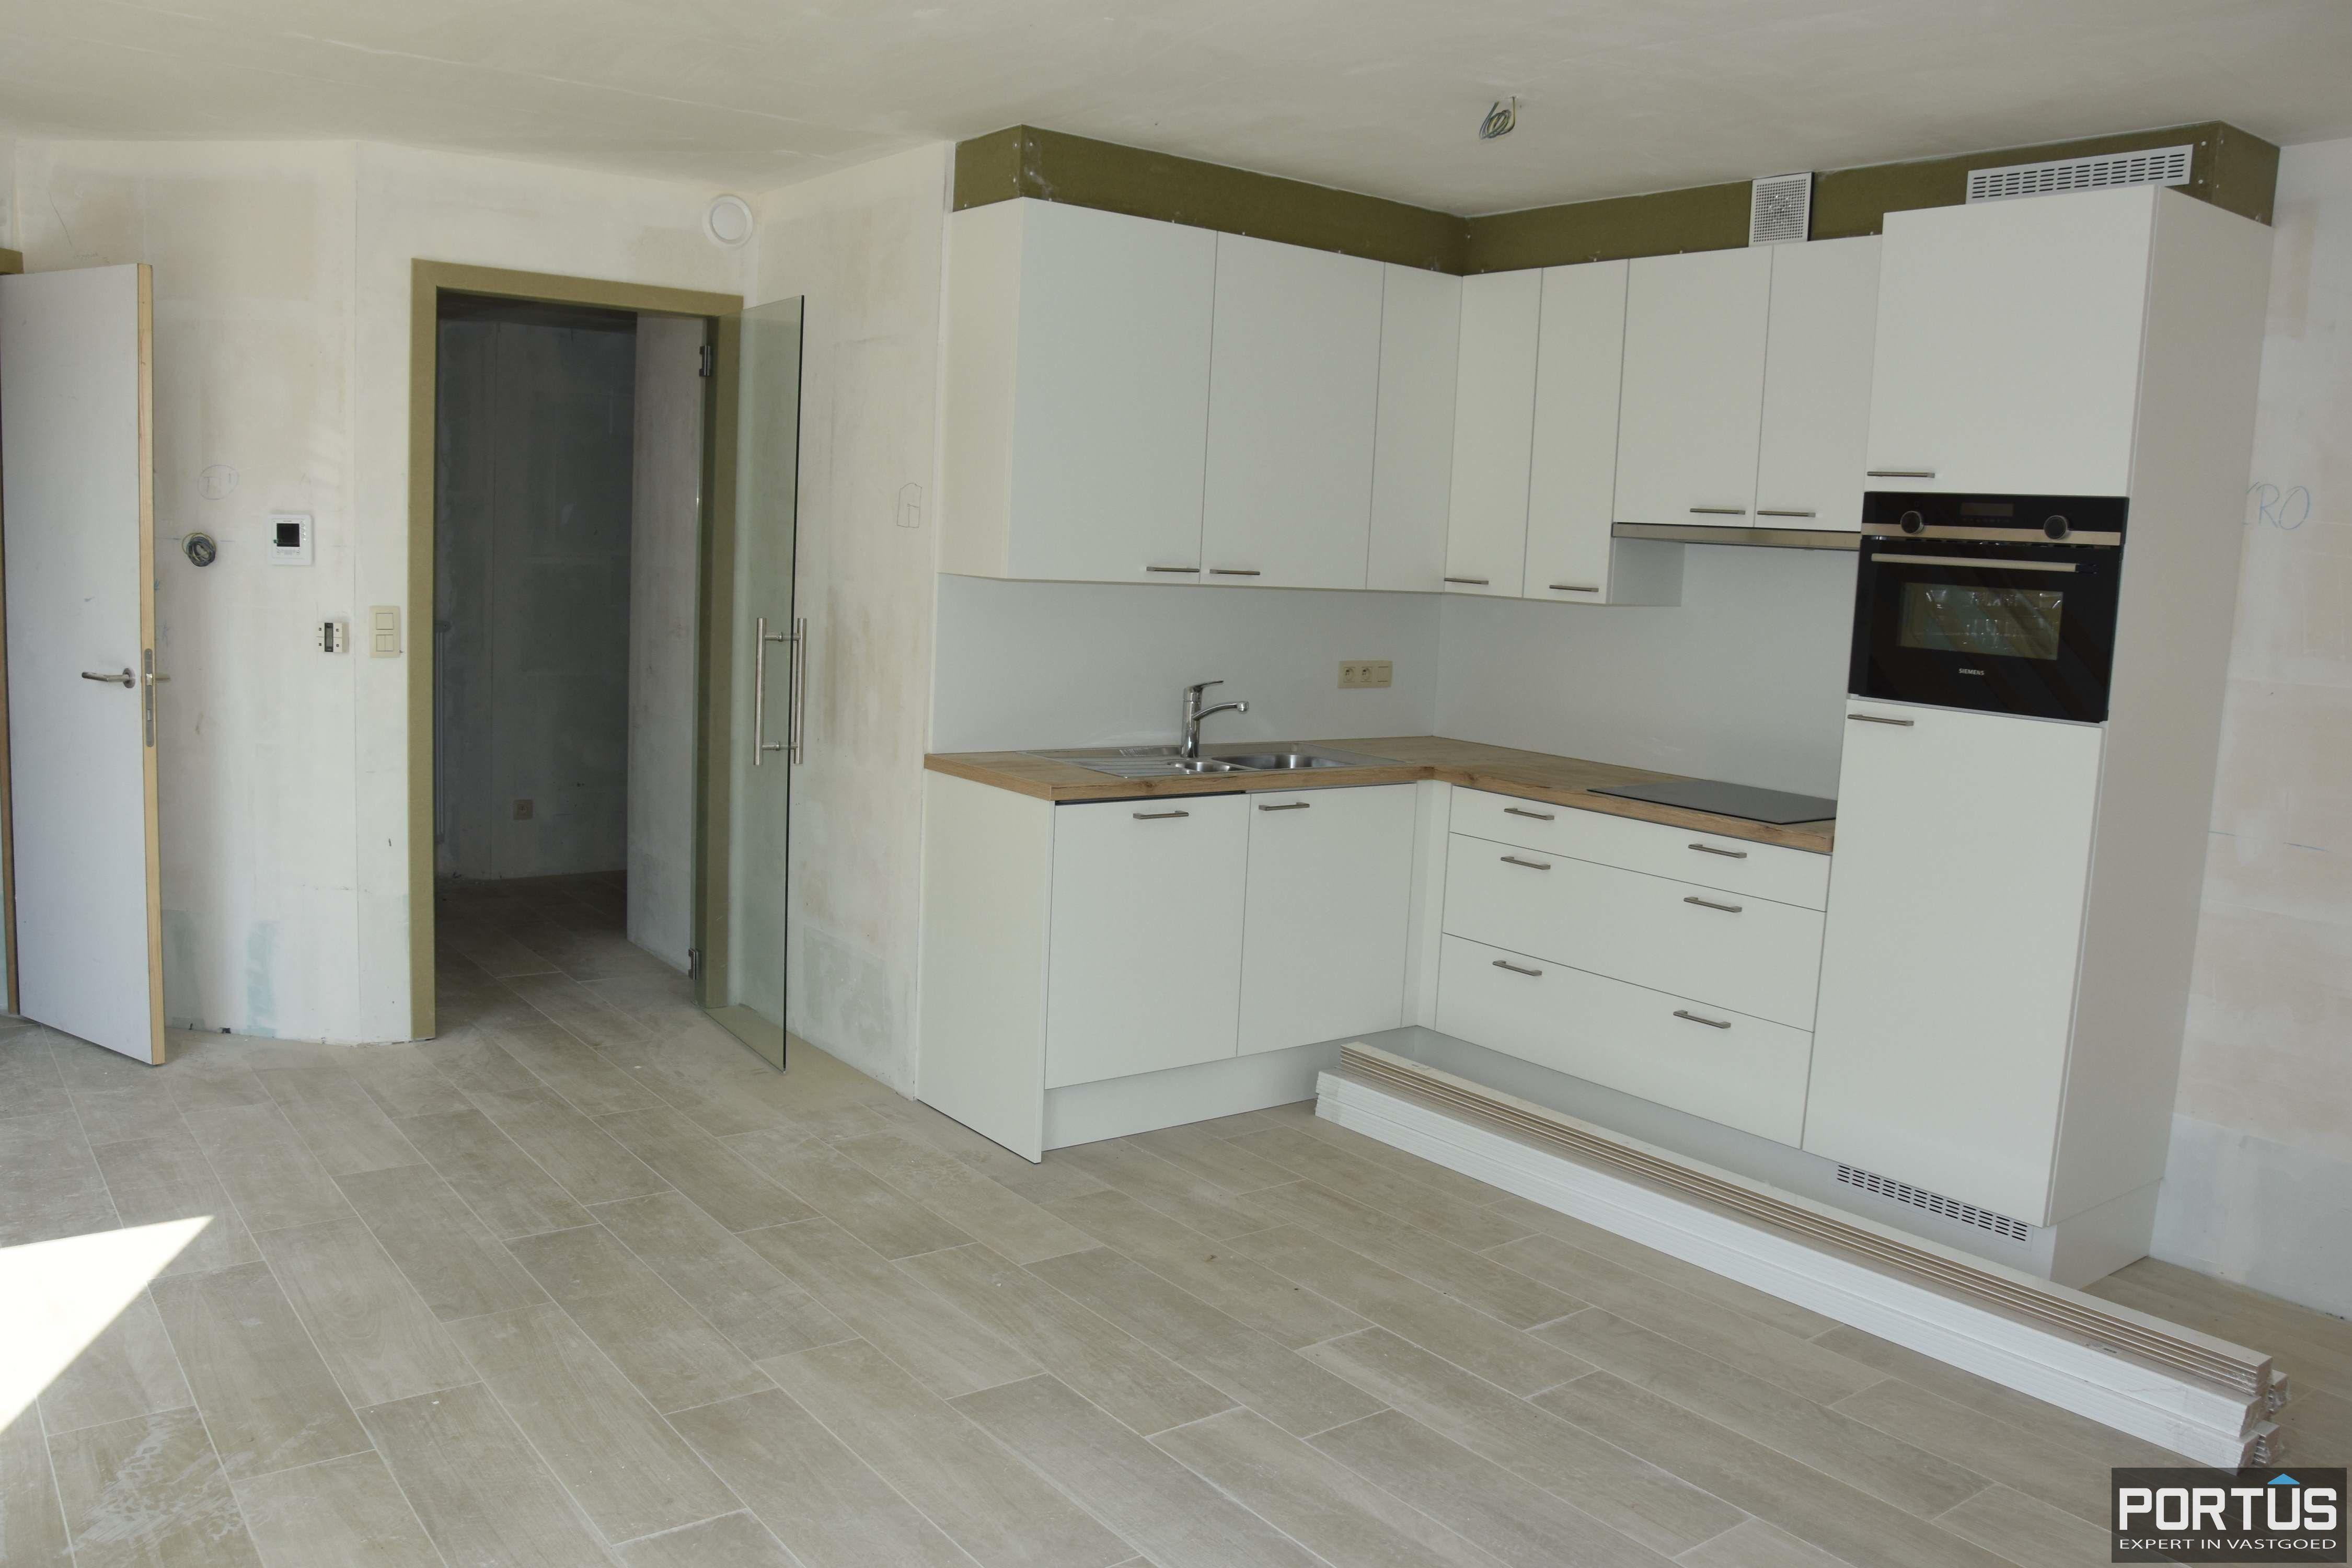 Appartement Residentie Villa Crombez Nieuwpoort - 8390